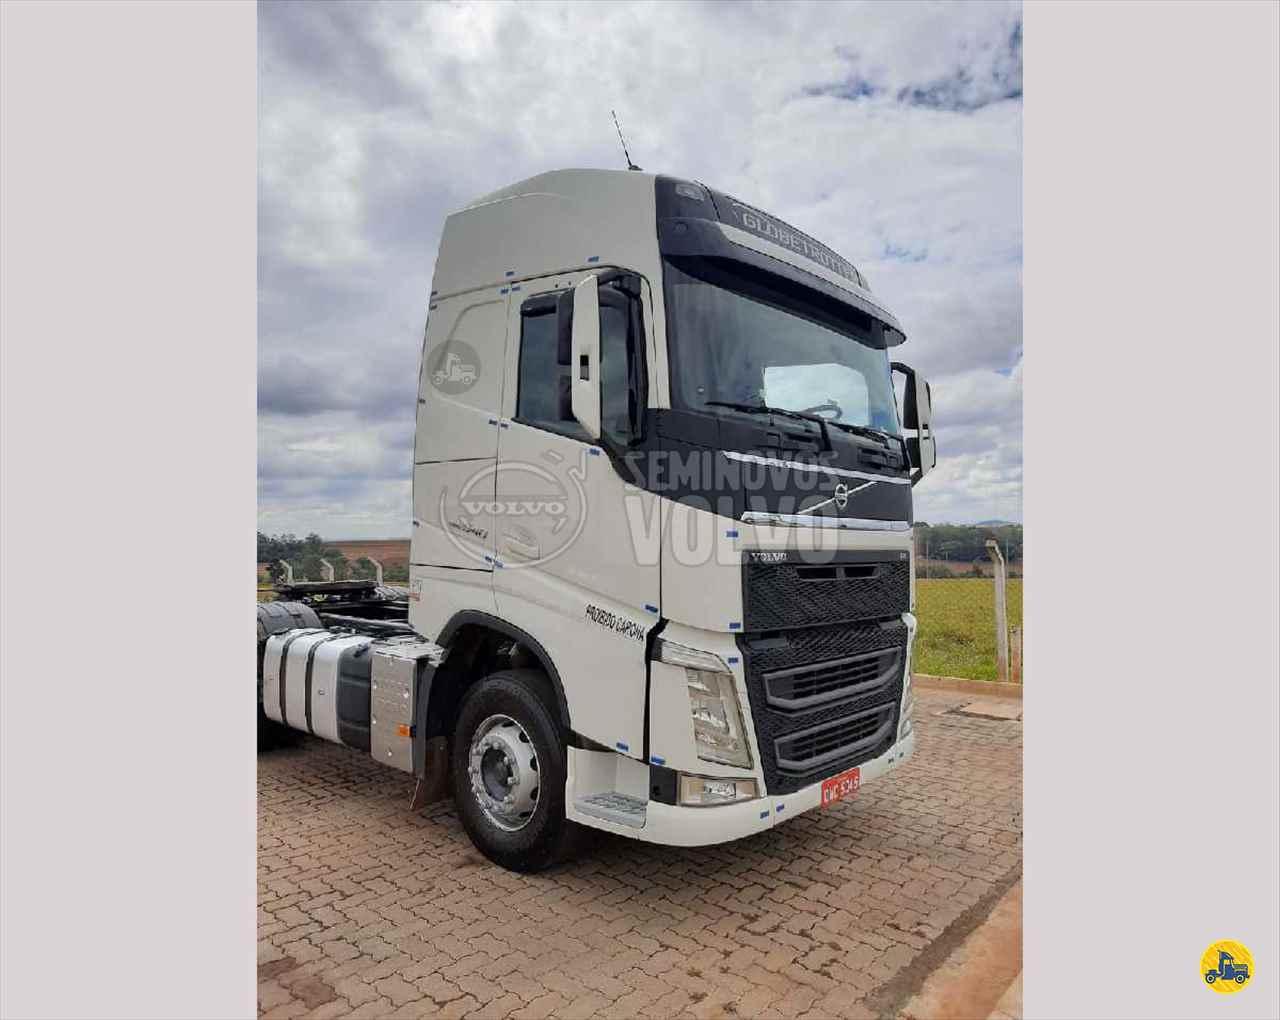 Caminhao Volvo Fh 540 2019 109758km à venda | Caminhões e ...